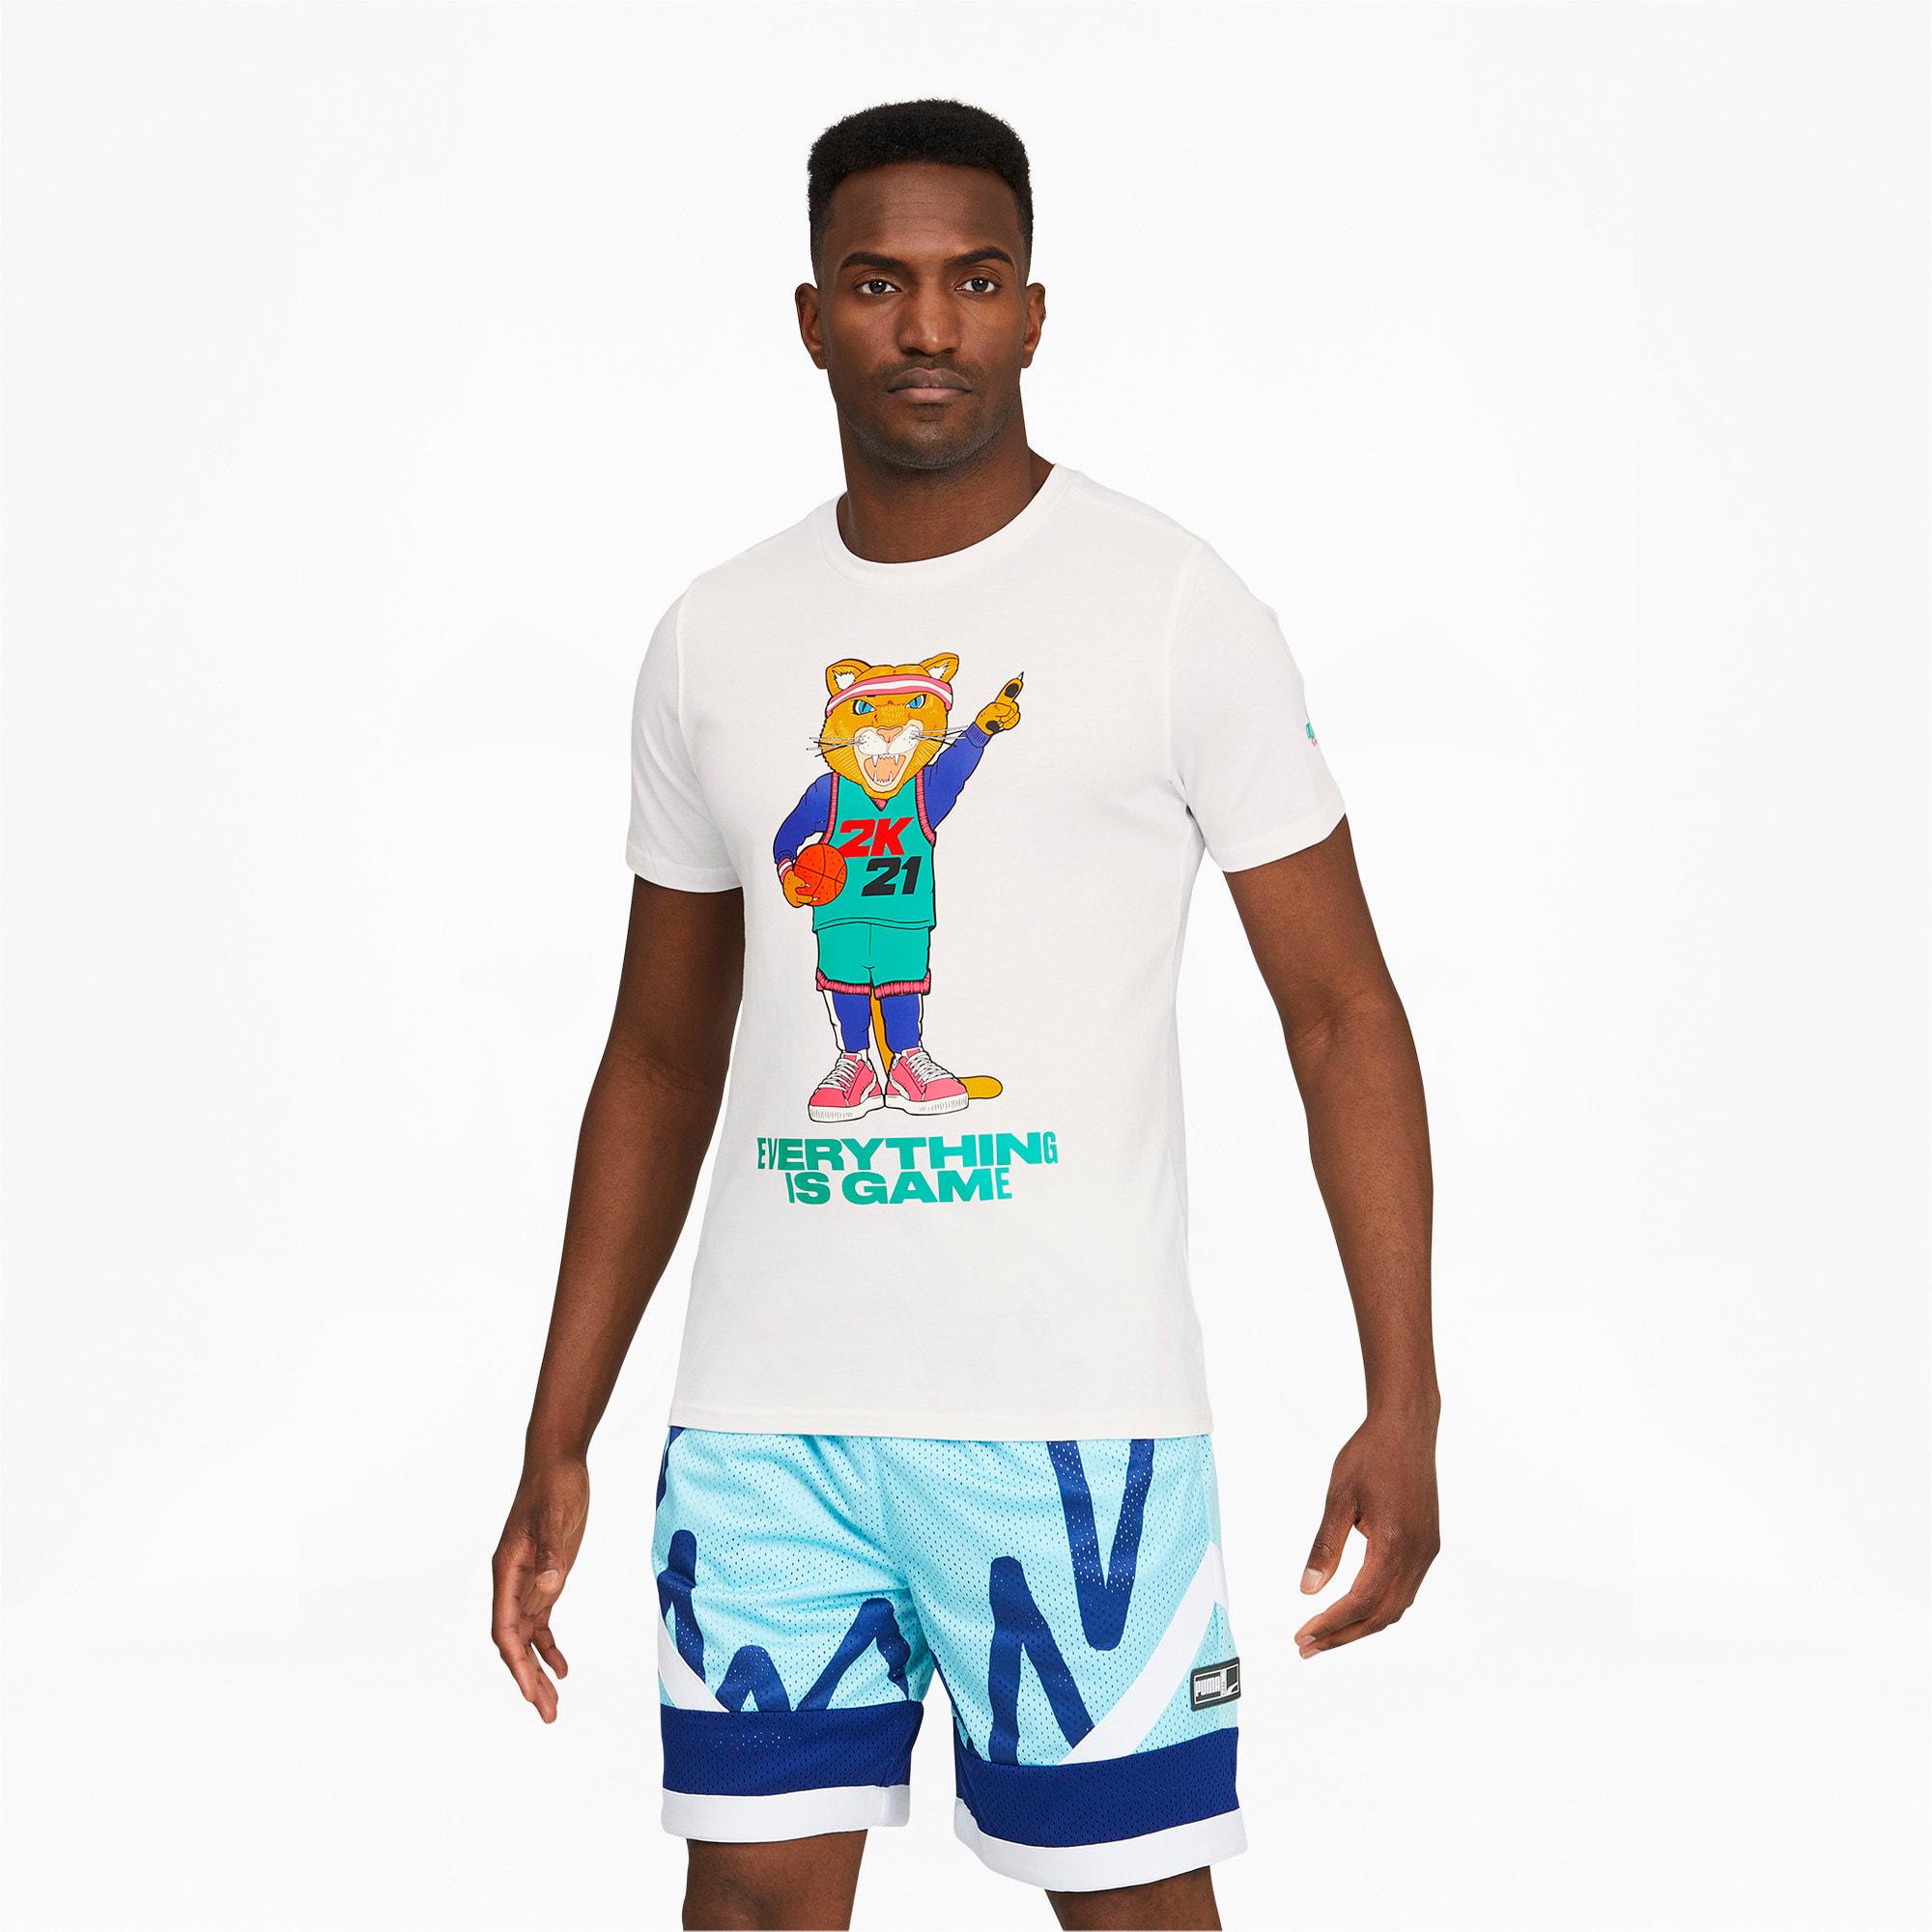 PUMA 2K Dylan Herren Basketball-T-Shirt   Mit Aucun   Weiß/Blau   Größe: XS